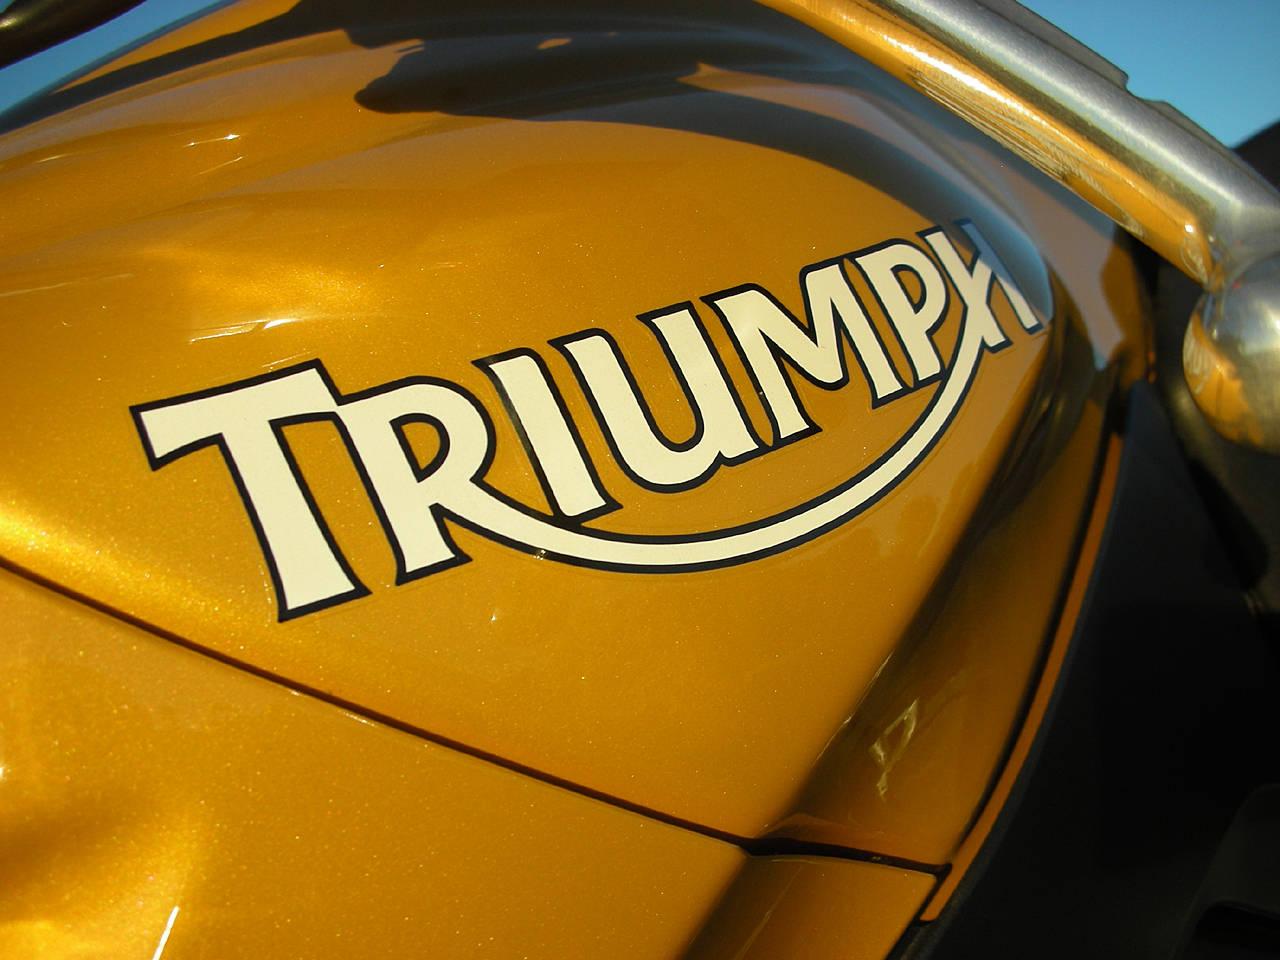 Triumph Logo Wallpaper | www.pixshark.com - Images ...